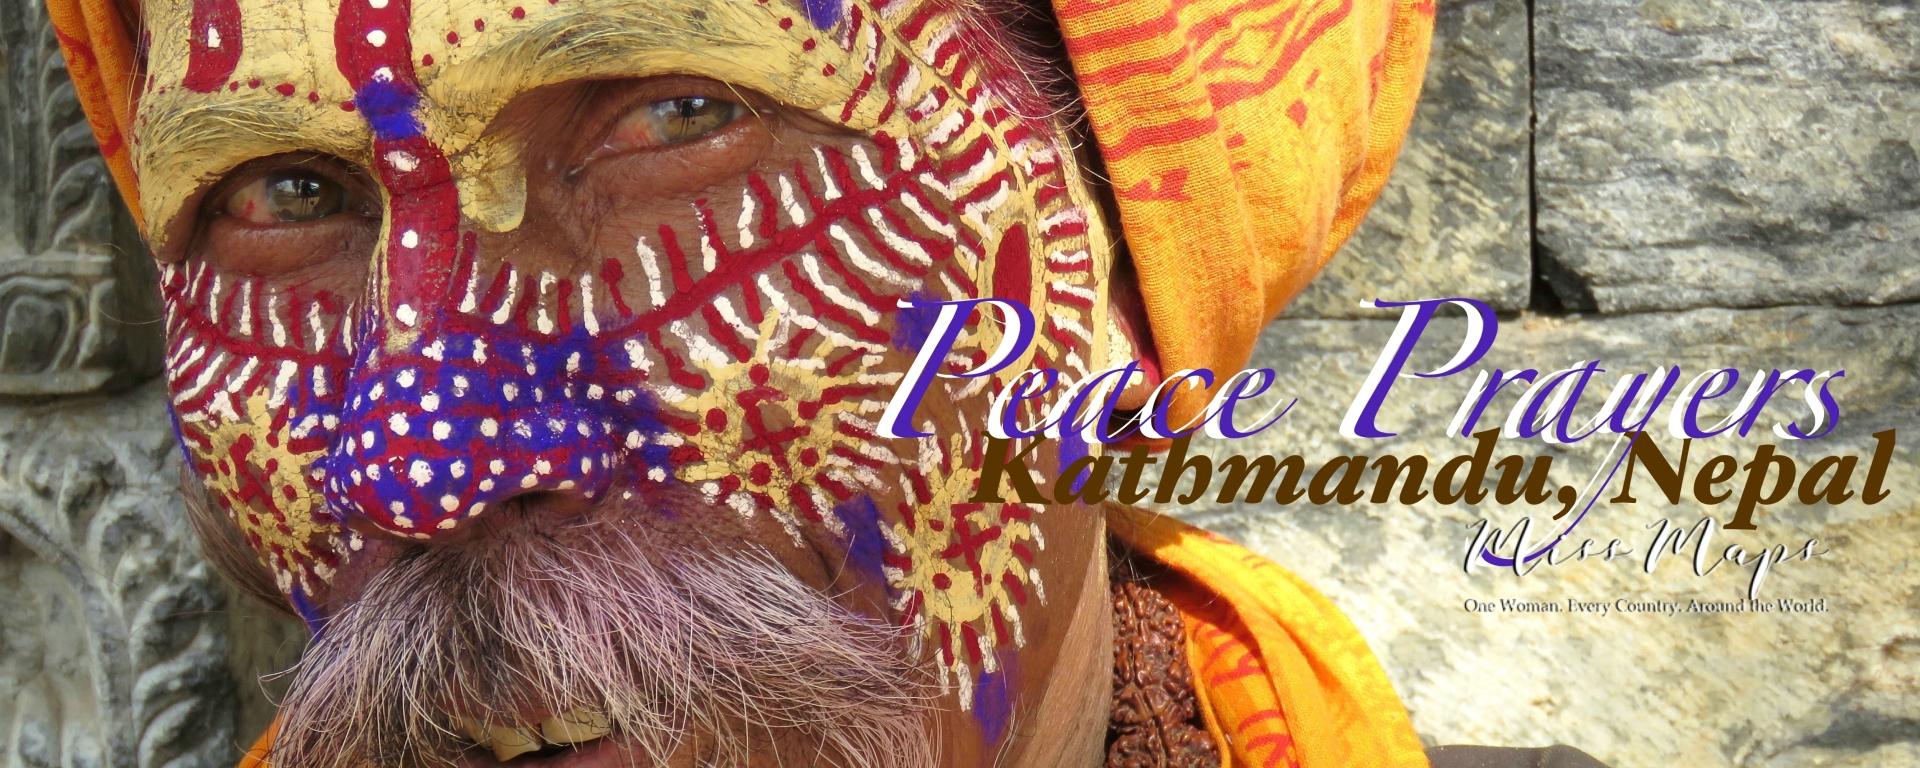 Peace Prayers - Kathmandu Nepal - by Anika Mikkelson - Miss Maps - www.MissMaps.com